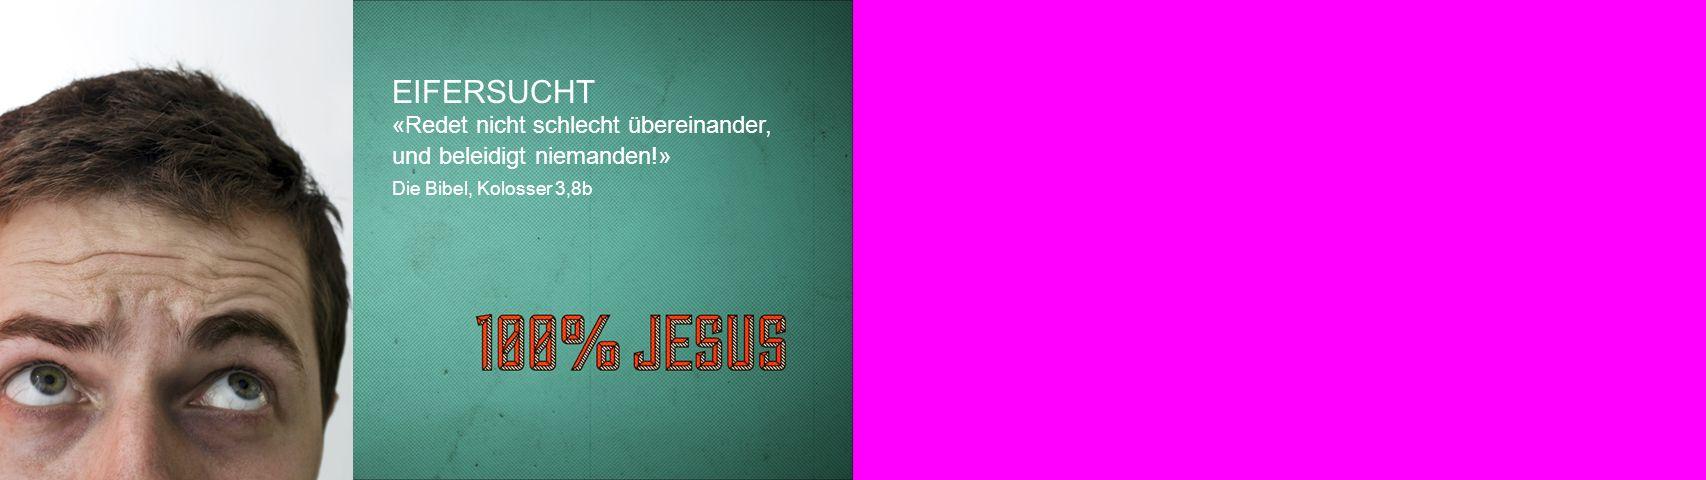 EIFERSUCHT «Redet nicht schlecht übereinander, und beleidigt niemanden!» Die Bibel, Kolosser 3,8b